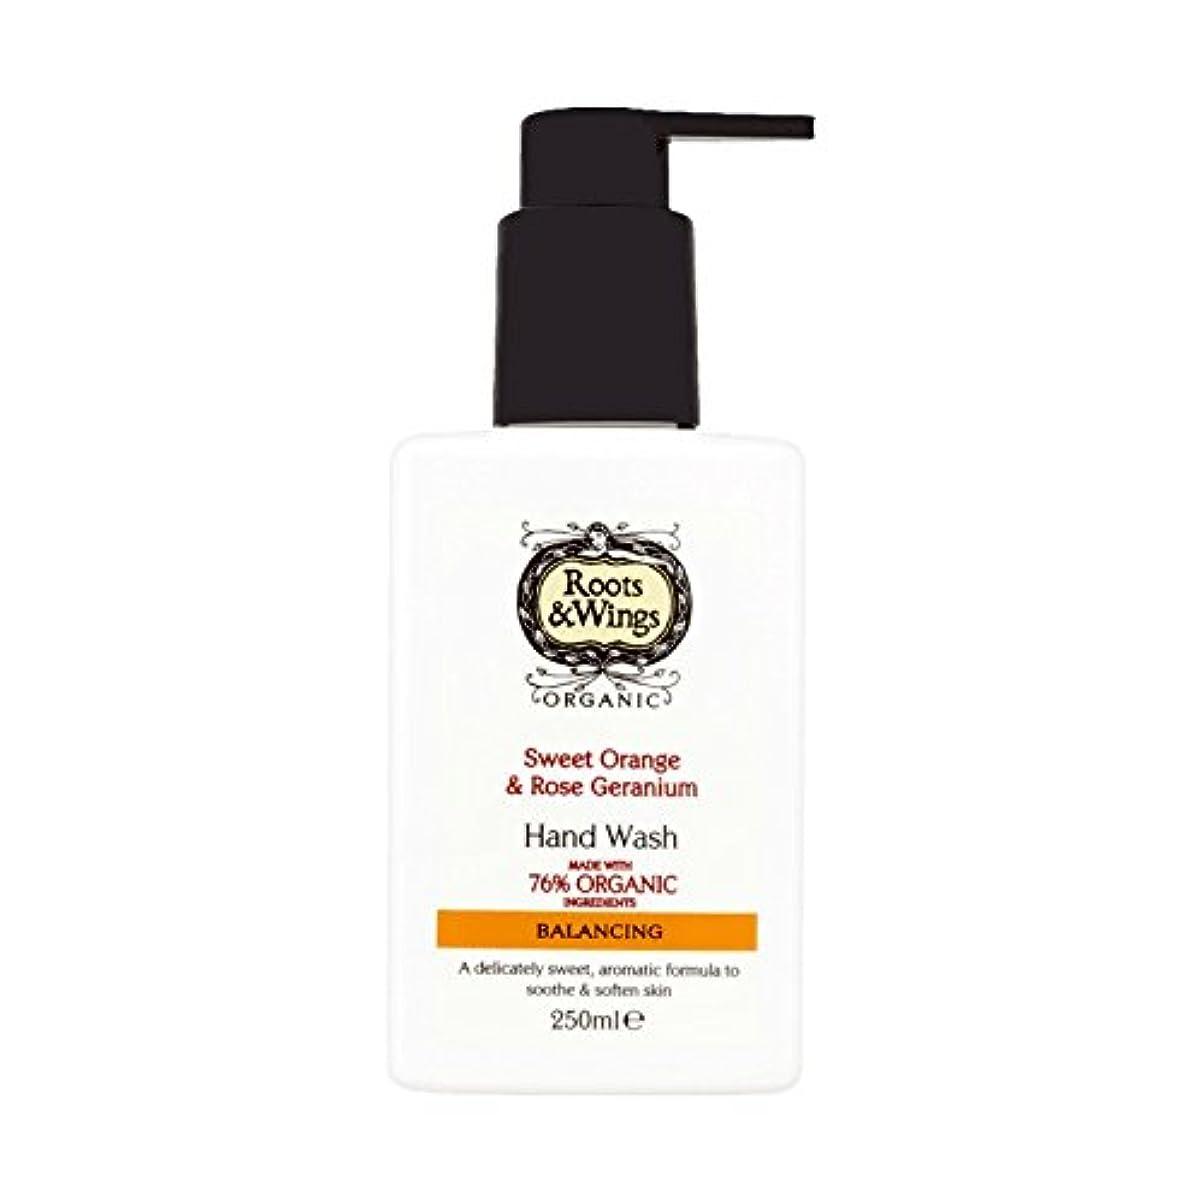 Roots & Wings Hand Wash Sweet Orange & Rose Geranium 250ml (Pack of 2) - ルーツ&翼手洗いスイートオレンジ&ゼラニウム250ミリリットルをバラ (x2...